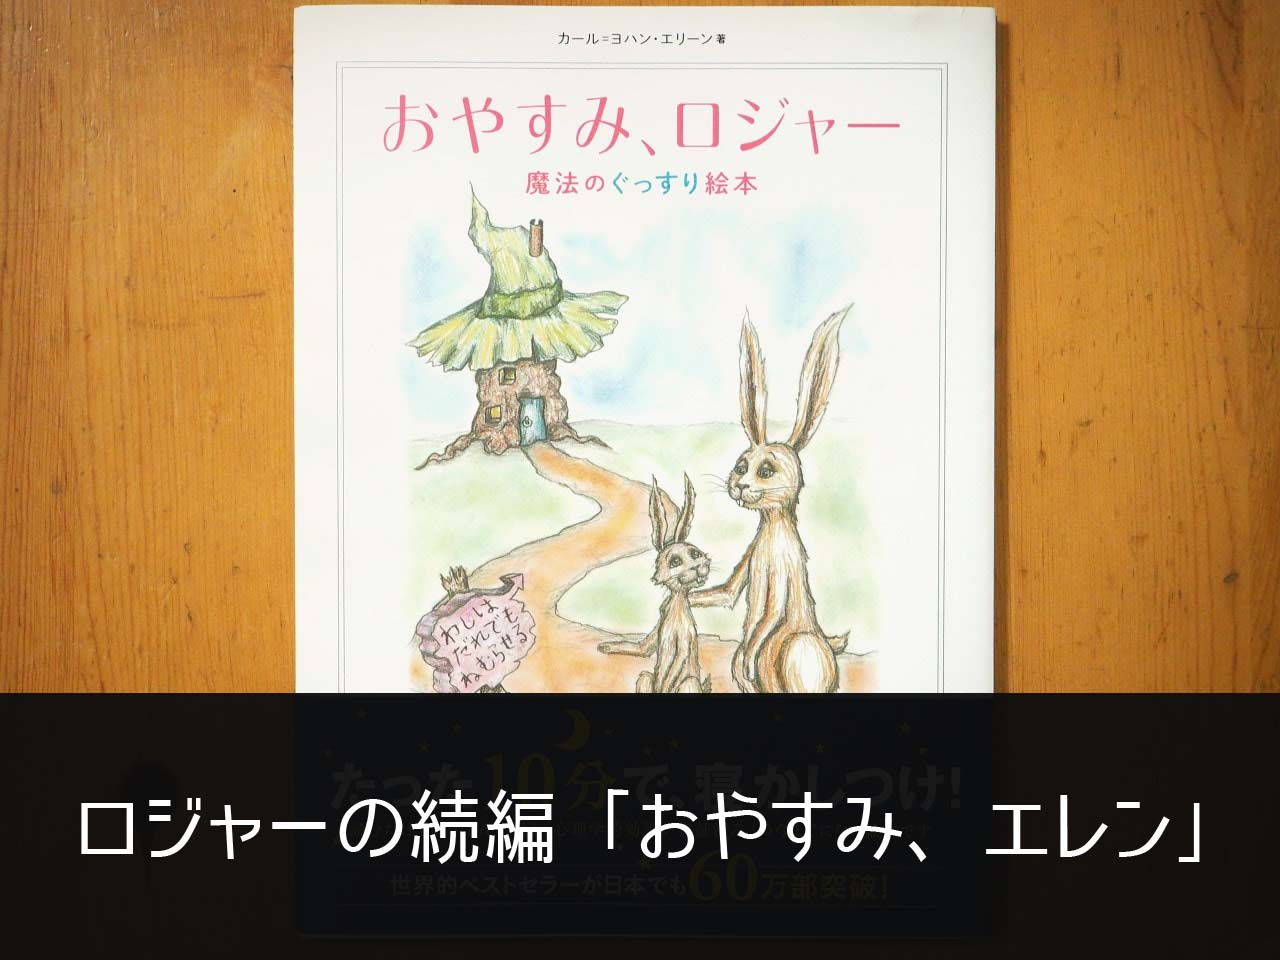 ロジャーの続編「おやすみ、エレン」が発売!